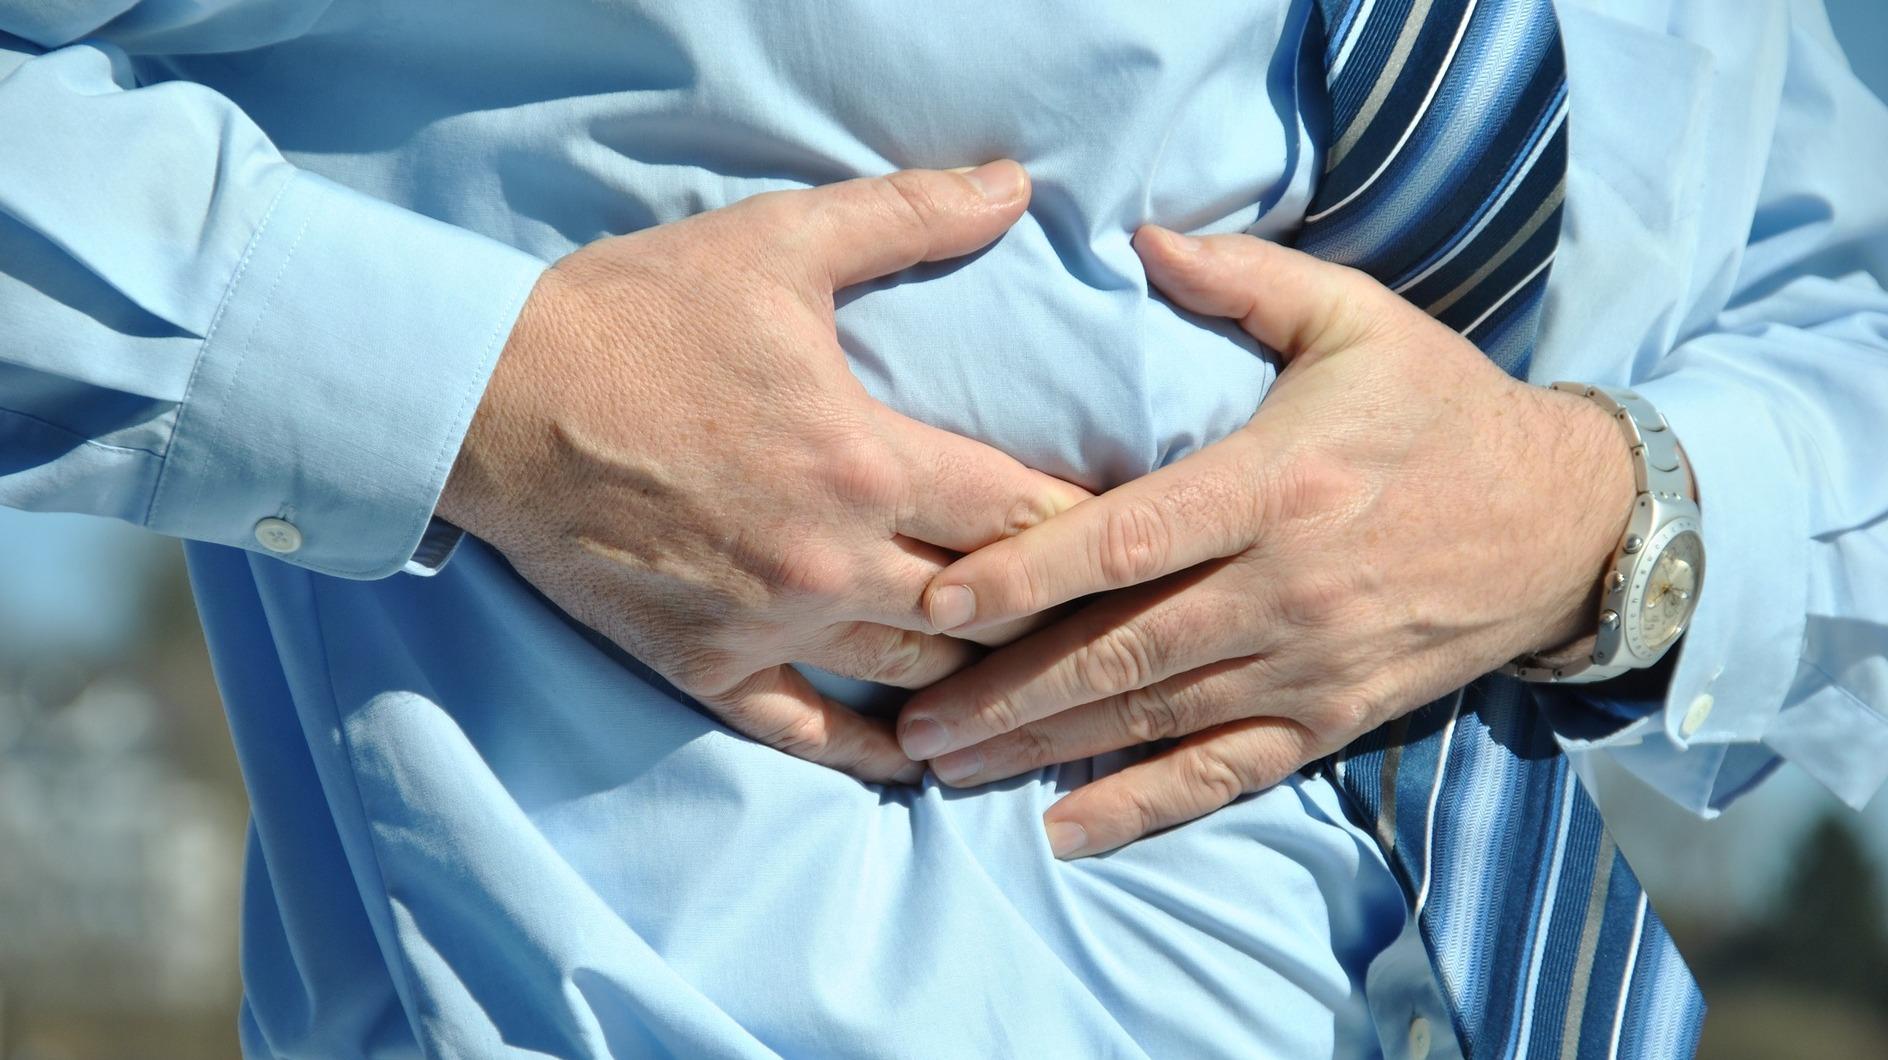 激痛!尿管結石を未然に防ぐ方法【2017年版】